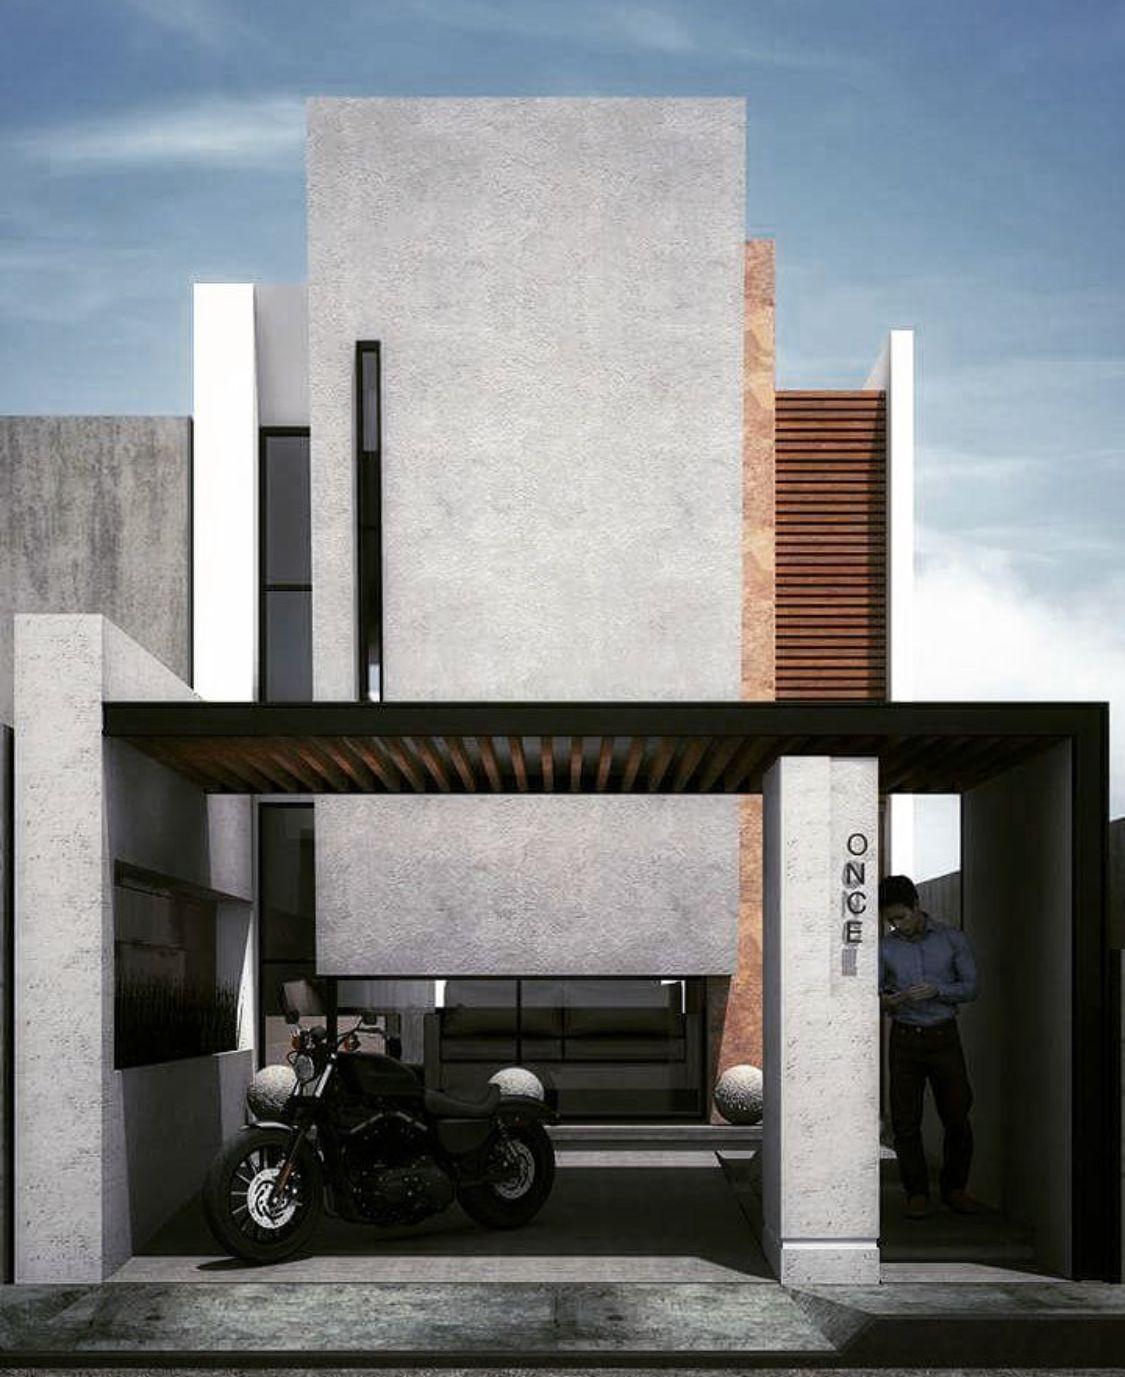 Pin De Niwaiemono En 車のガレージ Fachada Arquitectura Fachadas